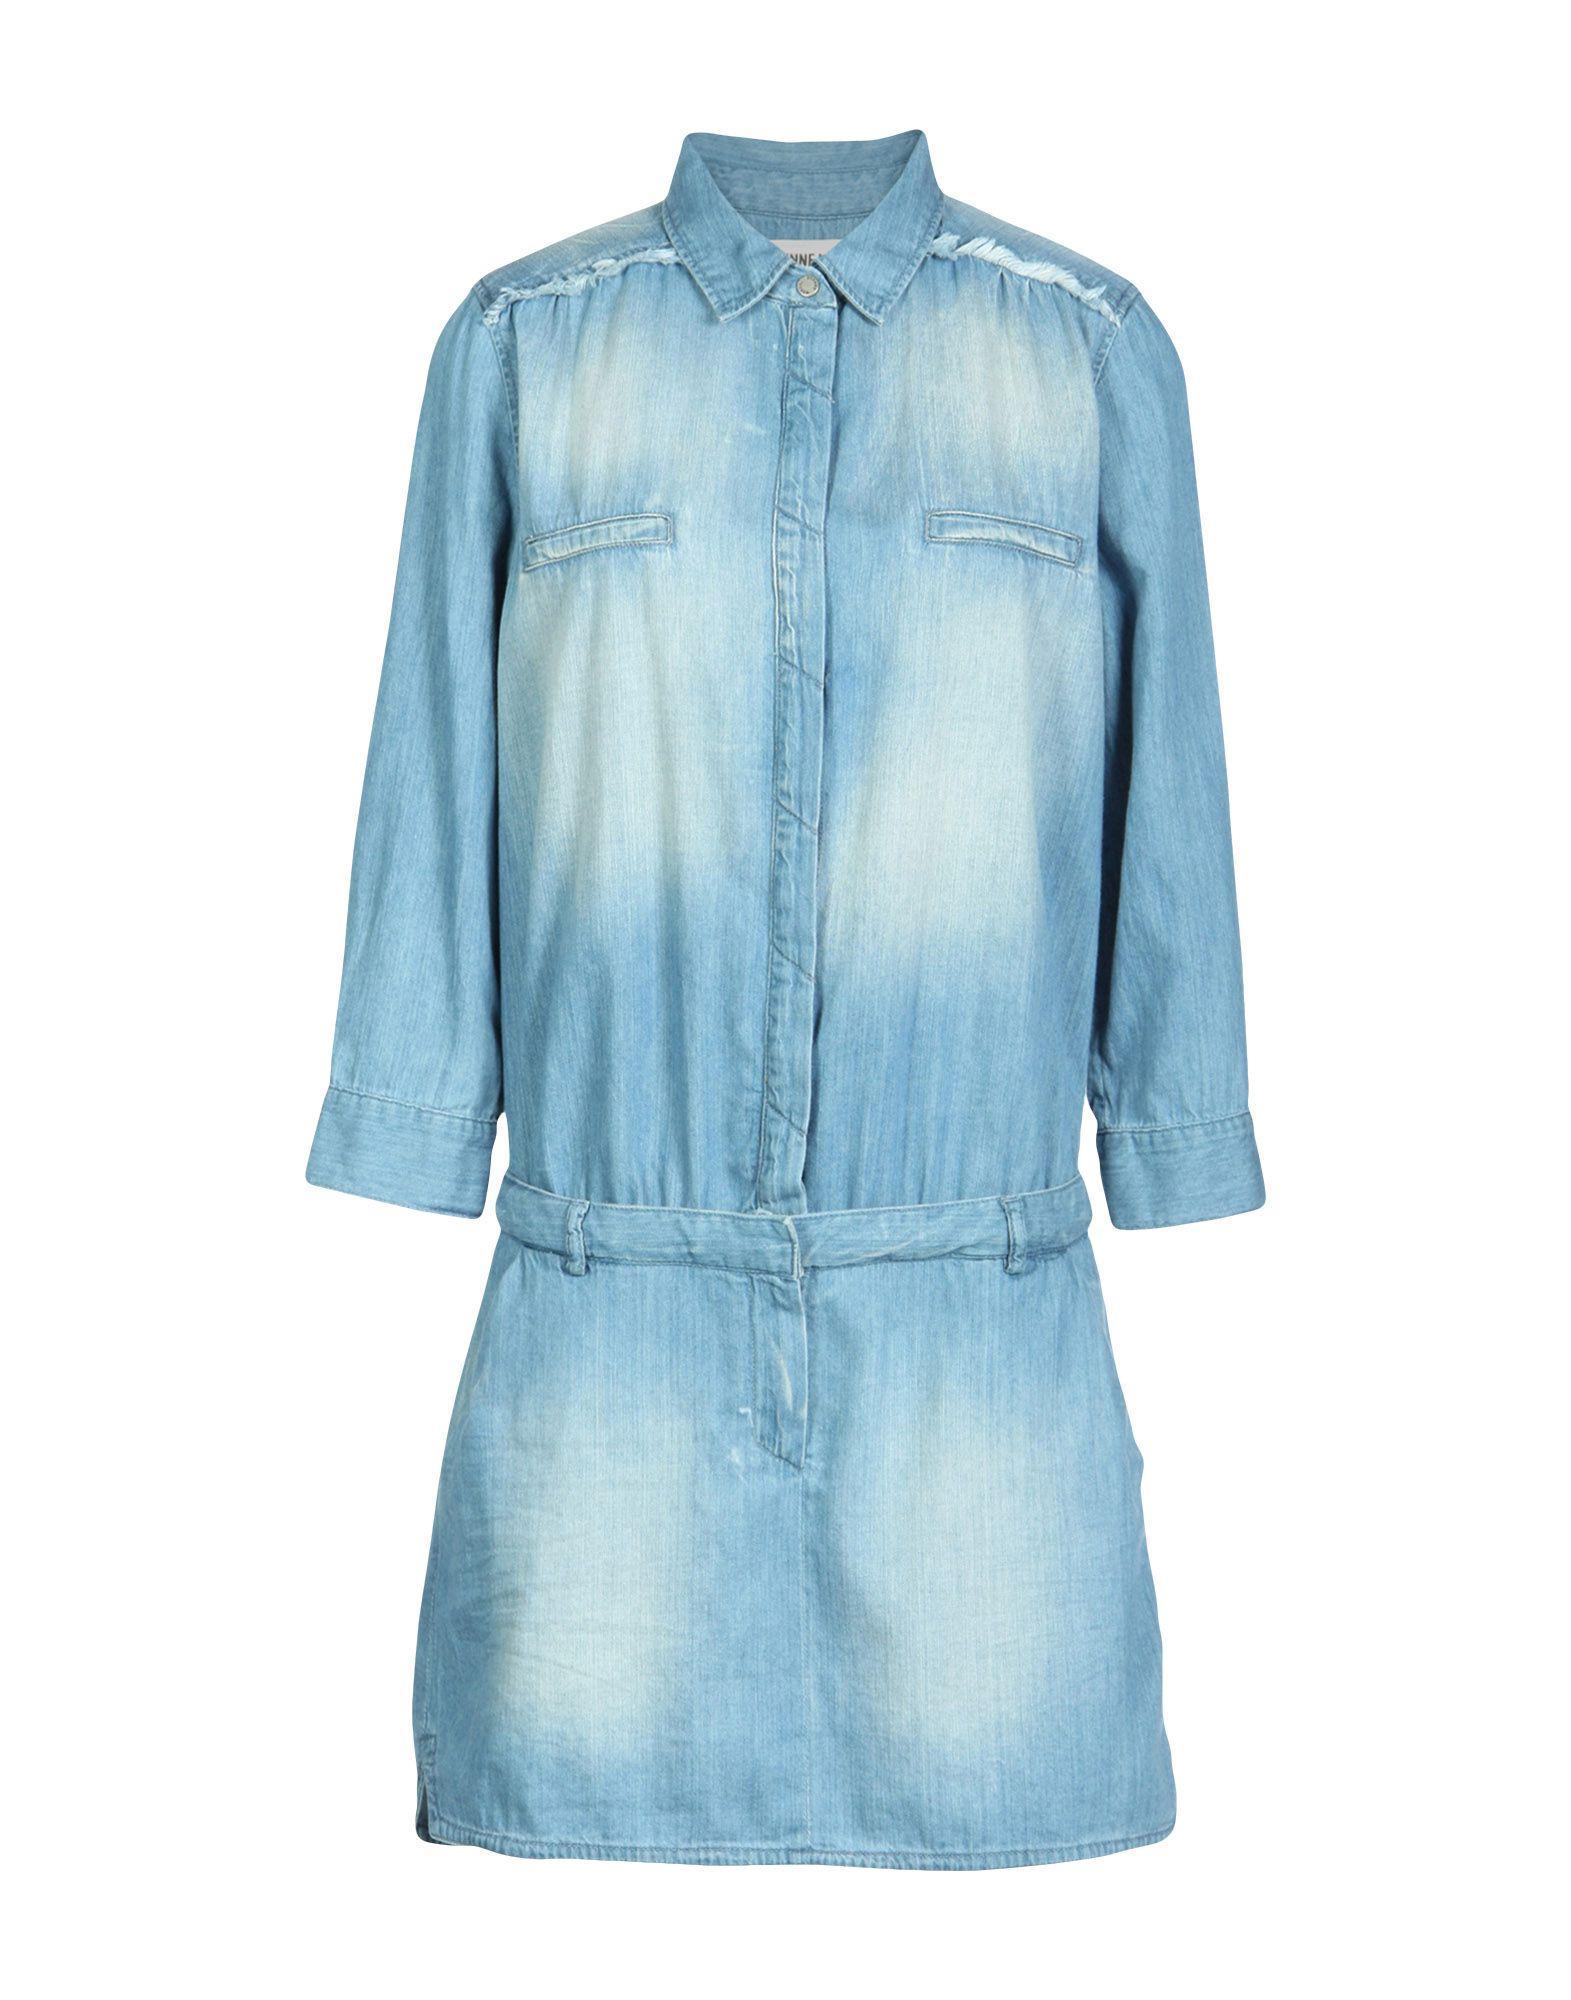 Etienne Marcel Denim Dress In Blue